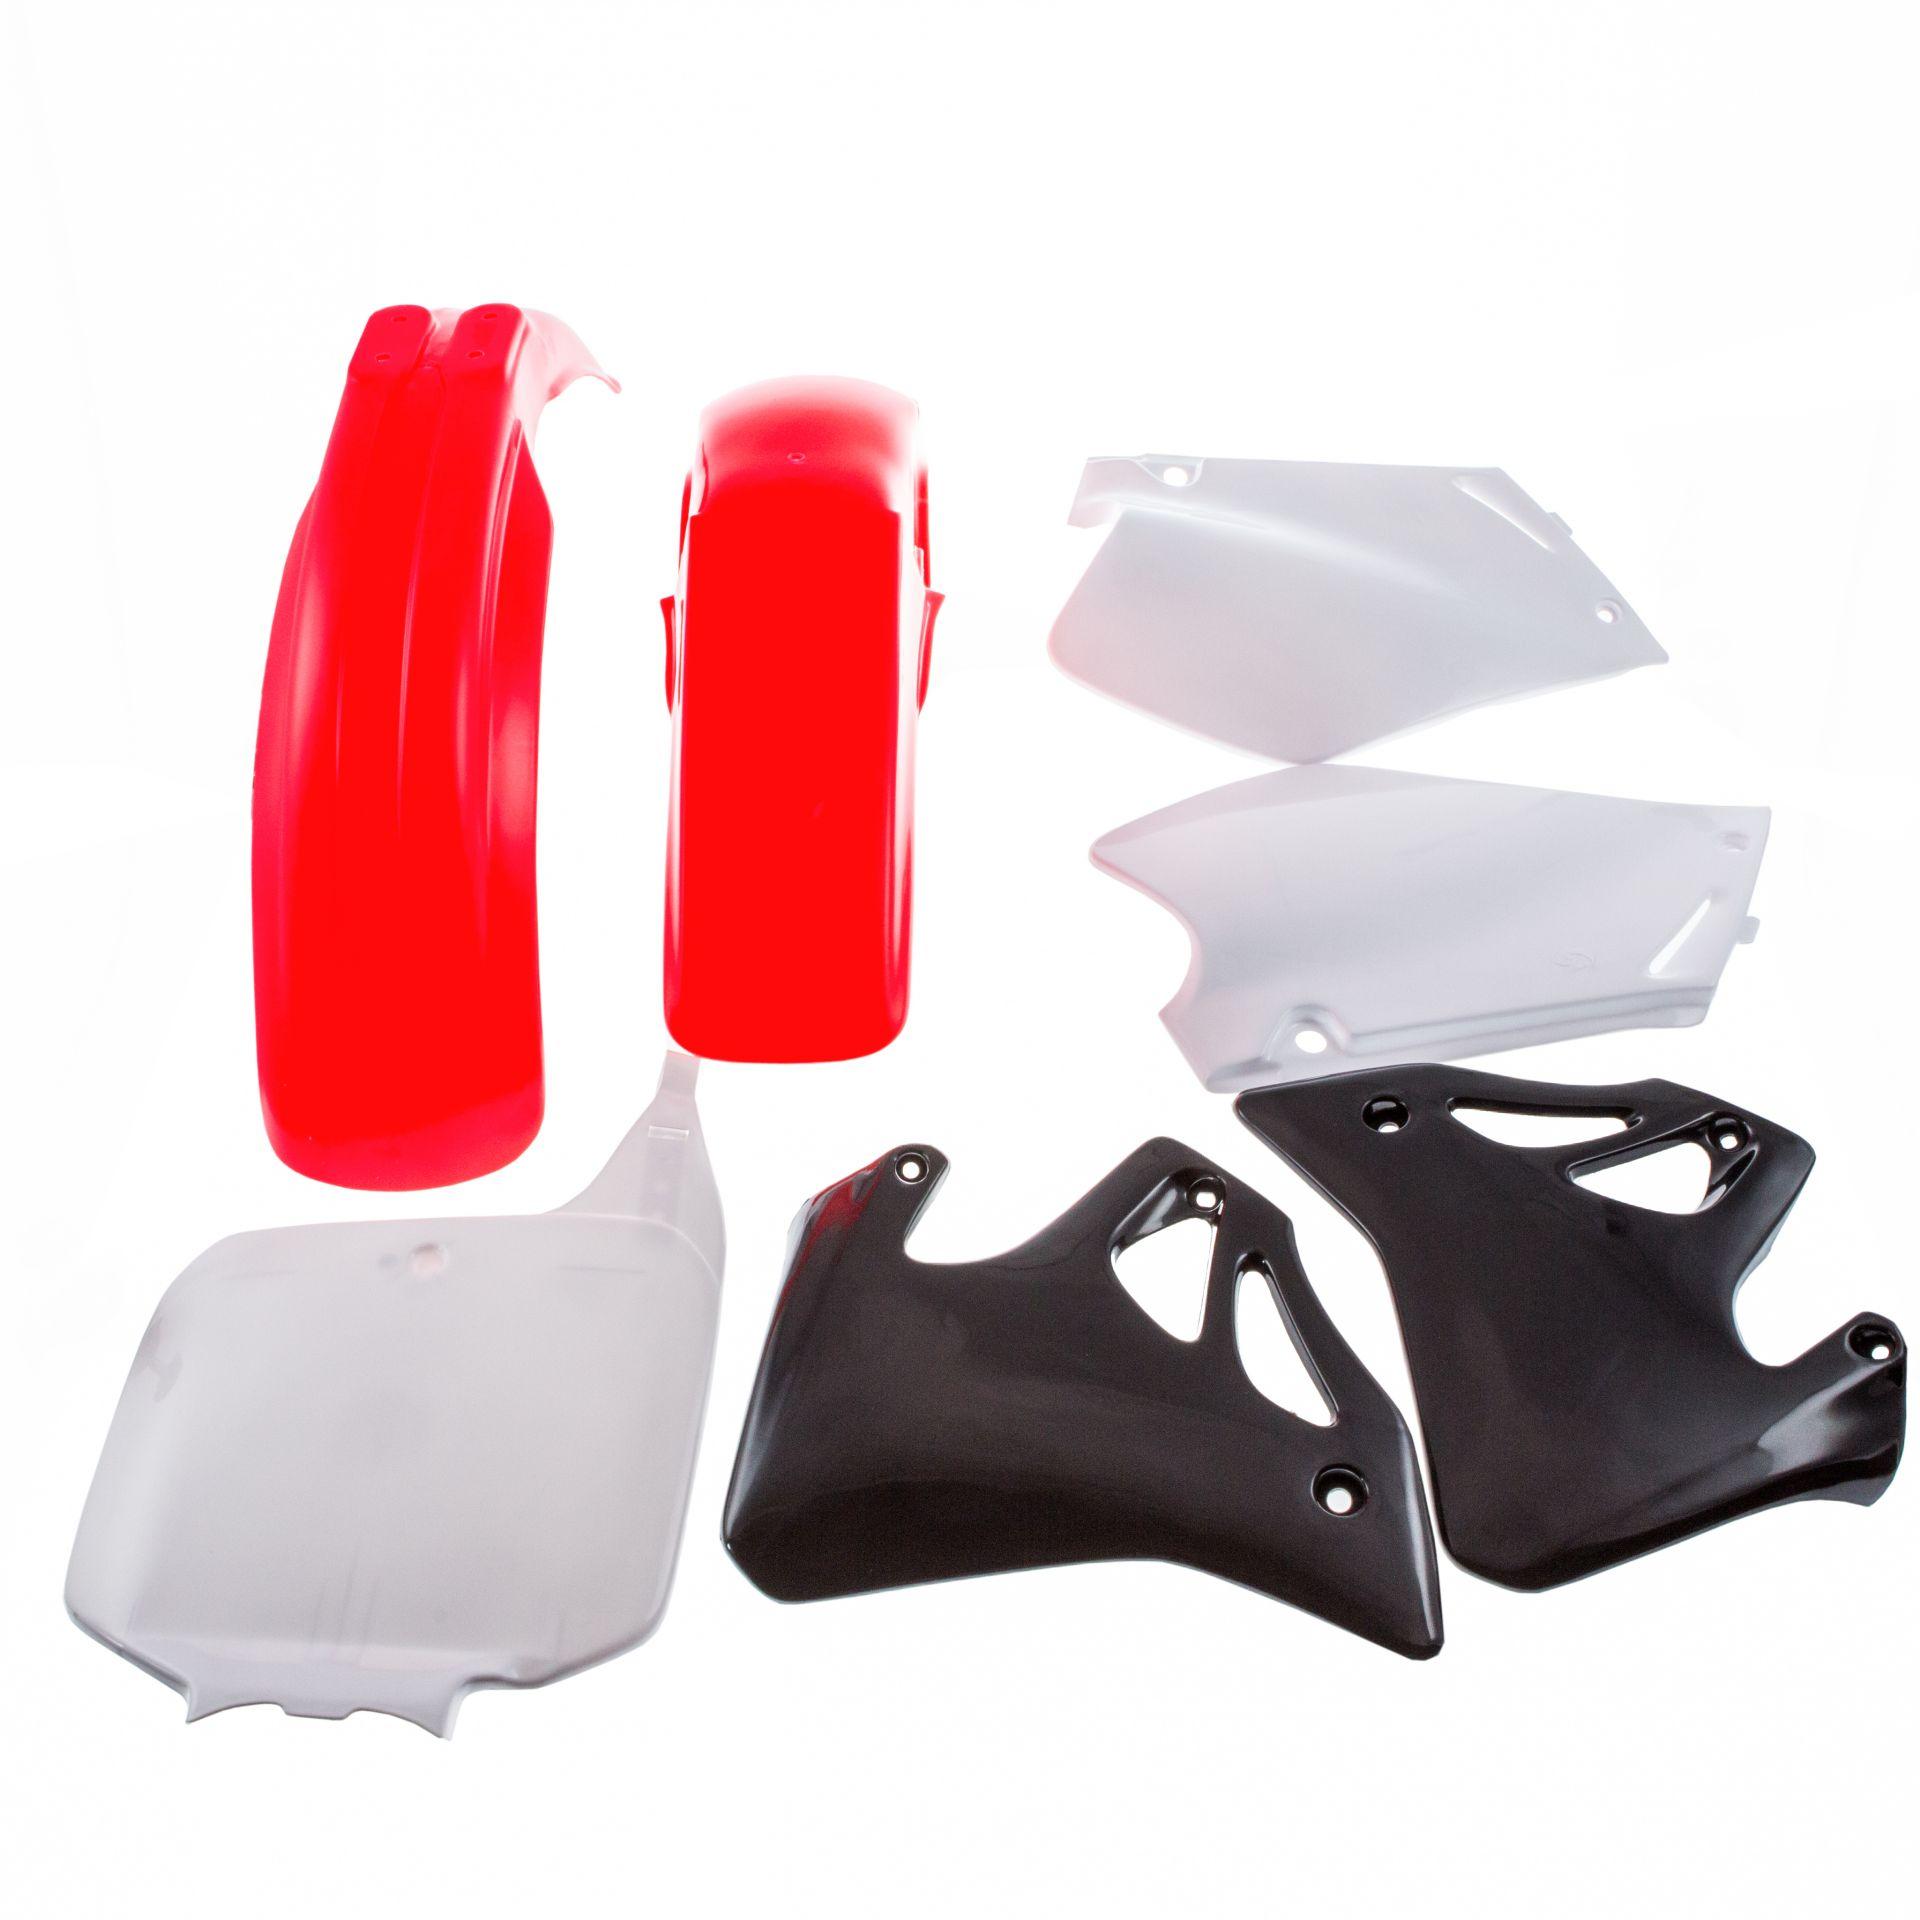 Kit plastique Polisport Honda CR 125R 95-97 (rouge/blanc origine)